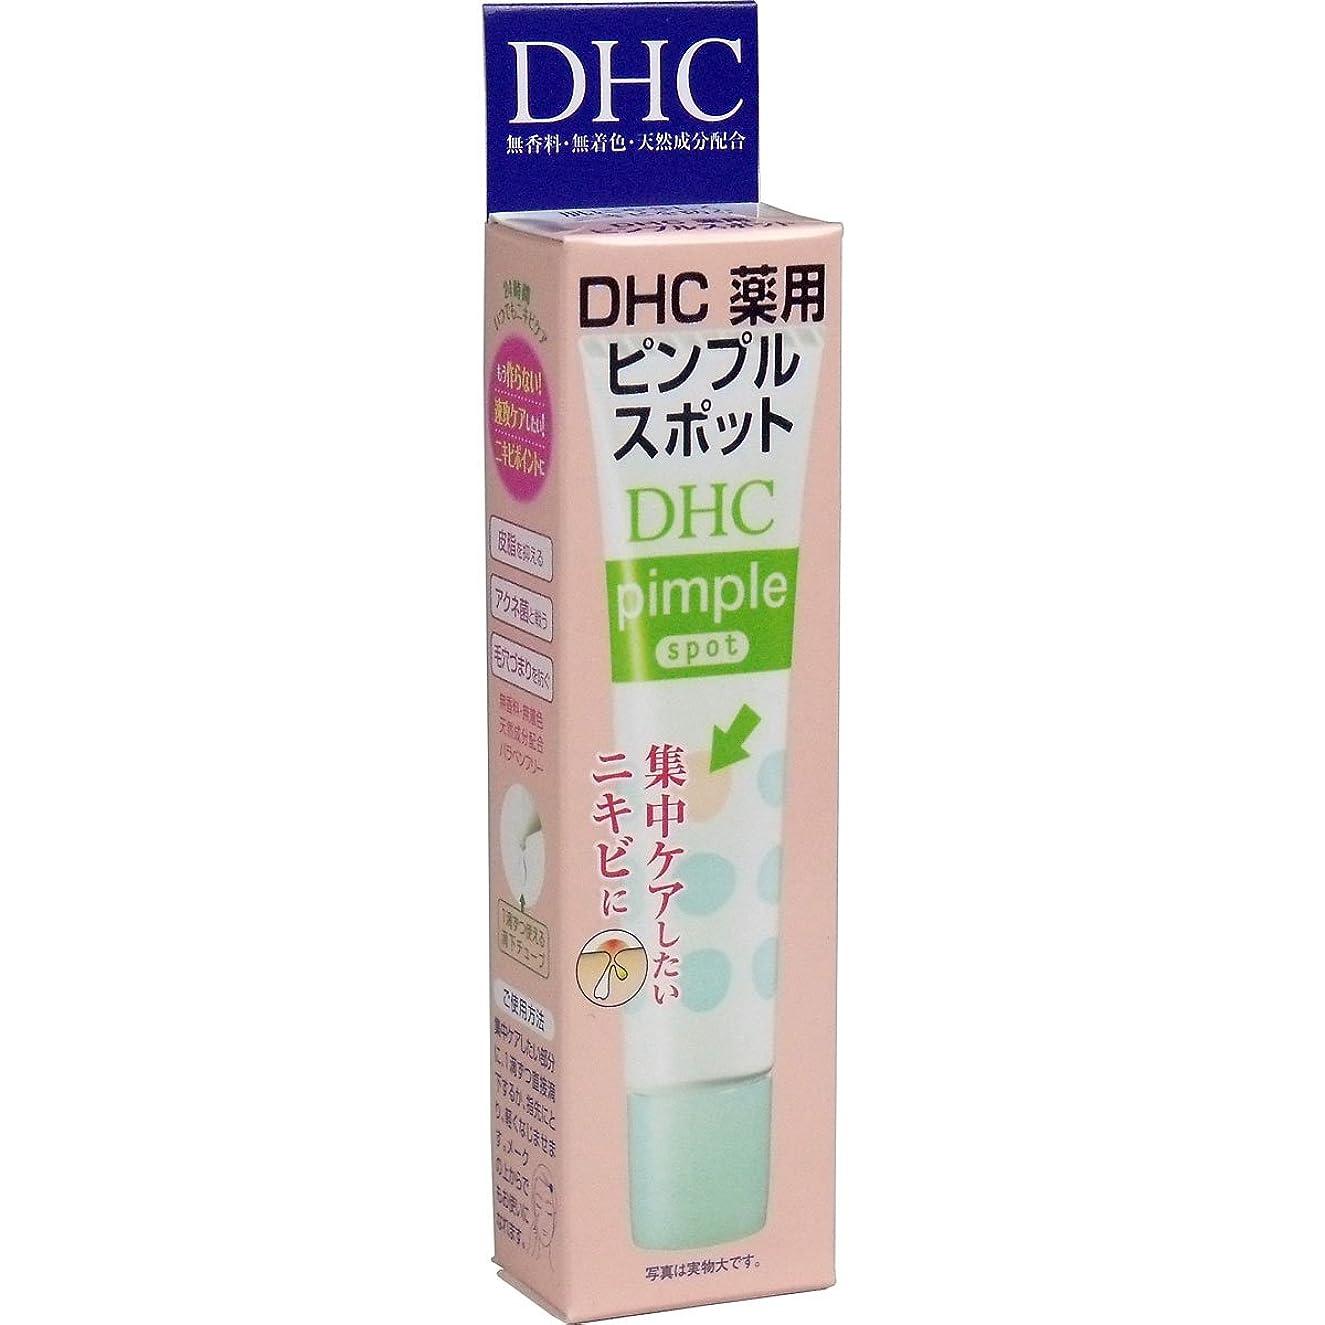 高度な行方不明テレマコスDHC 薬用ピンプルスポット 15ml(医薬部外品)